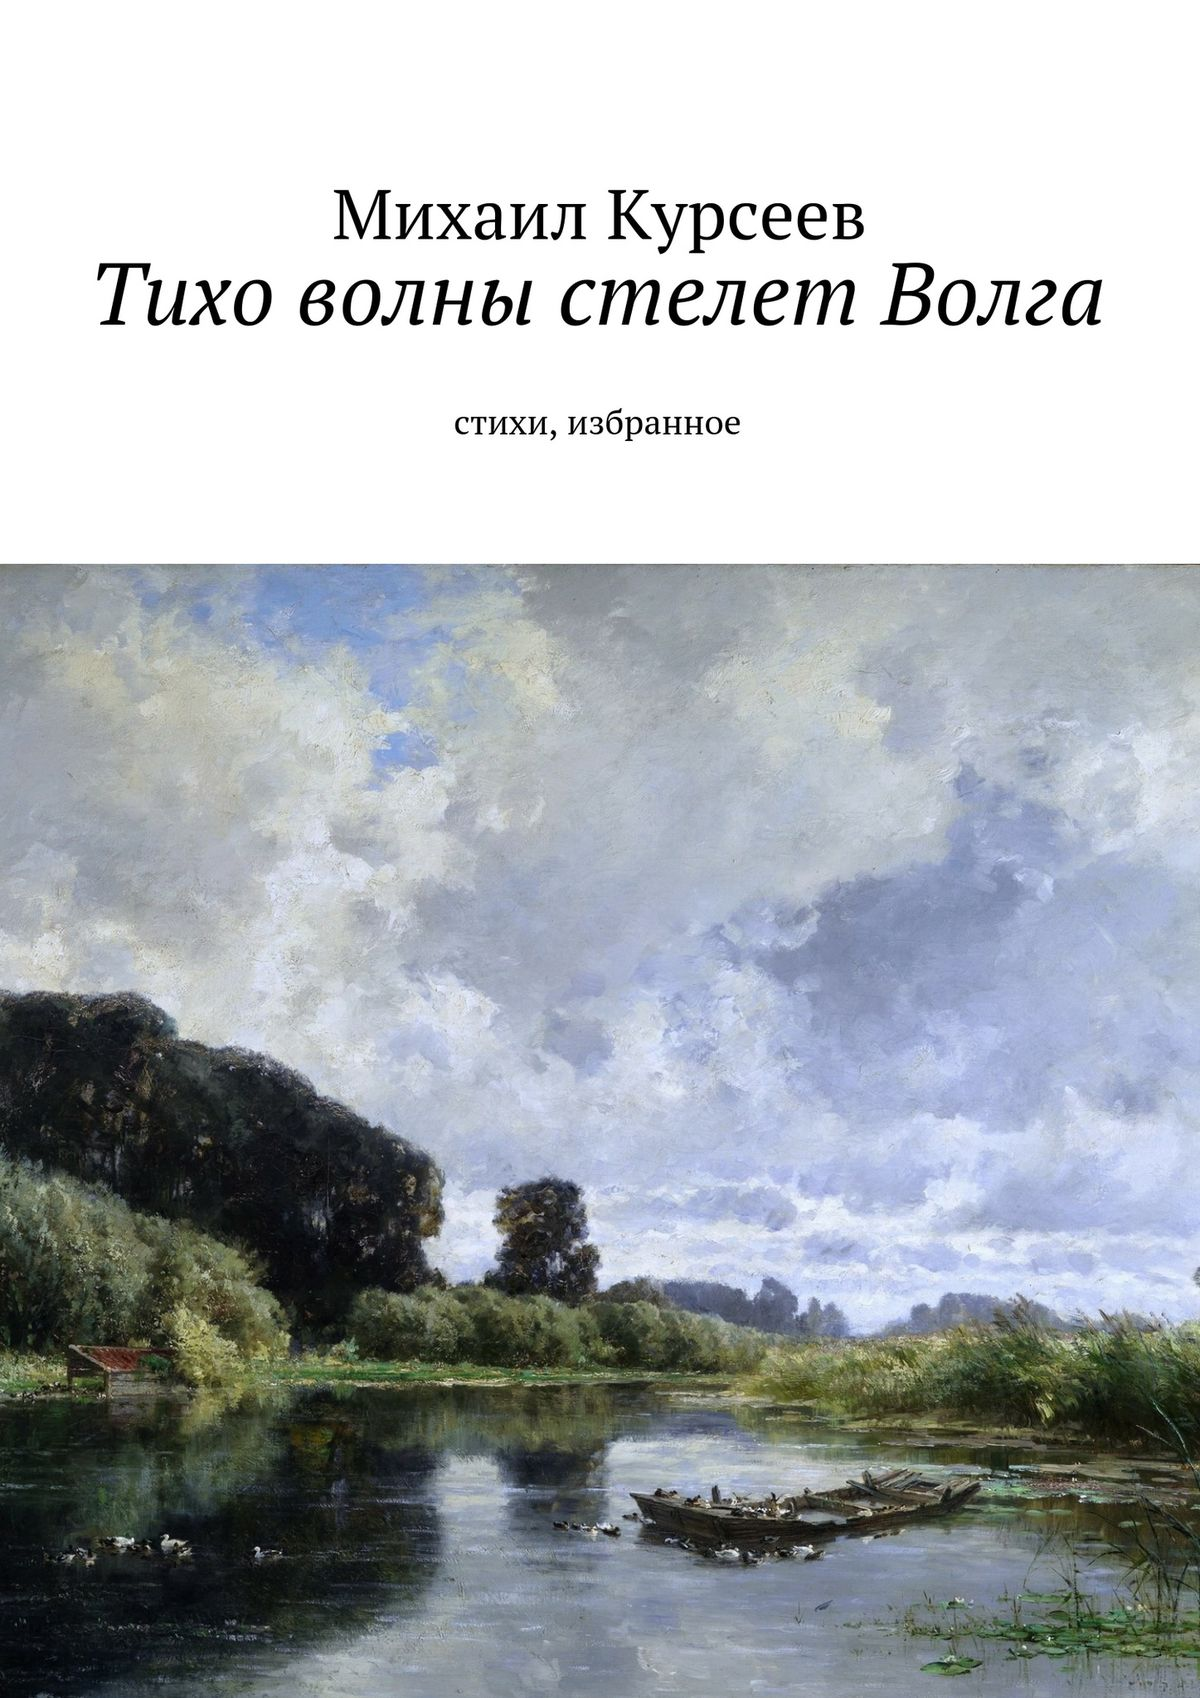 Тихо волны стелет Волга. Стихи, избранное